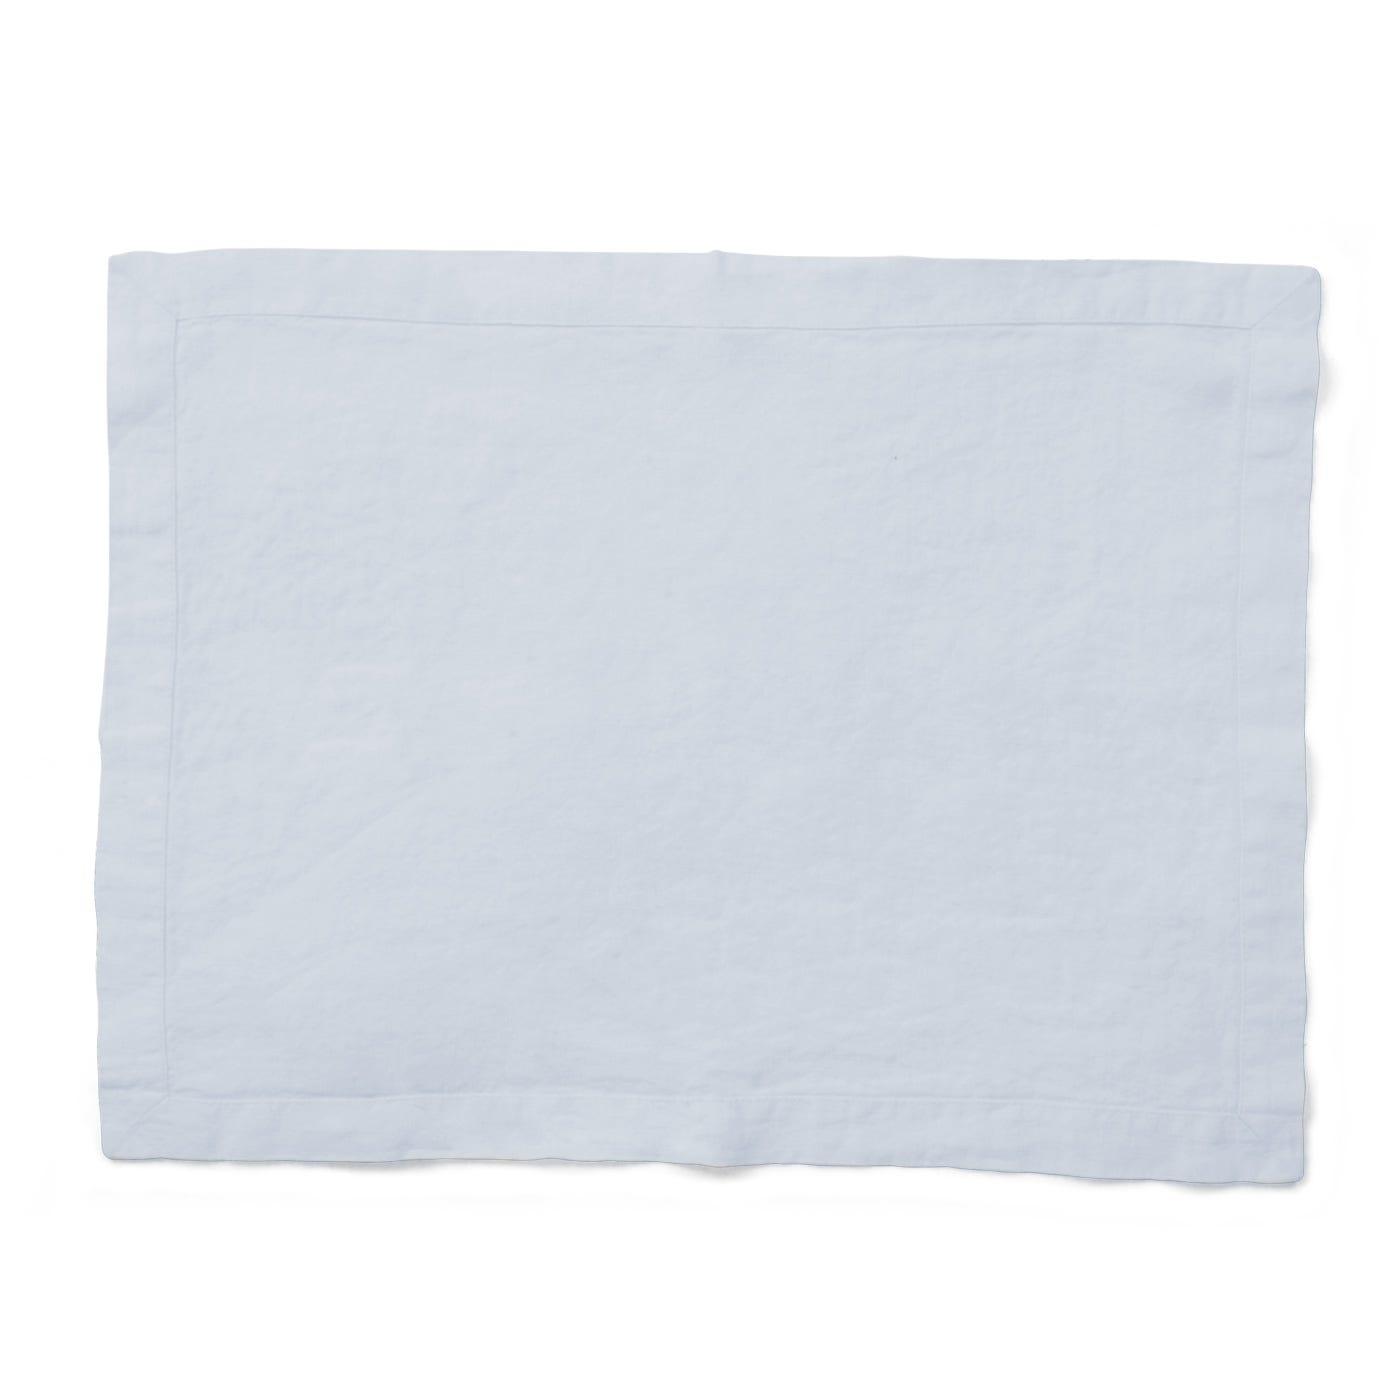 Heal's Linen Placemat Powder Blue